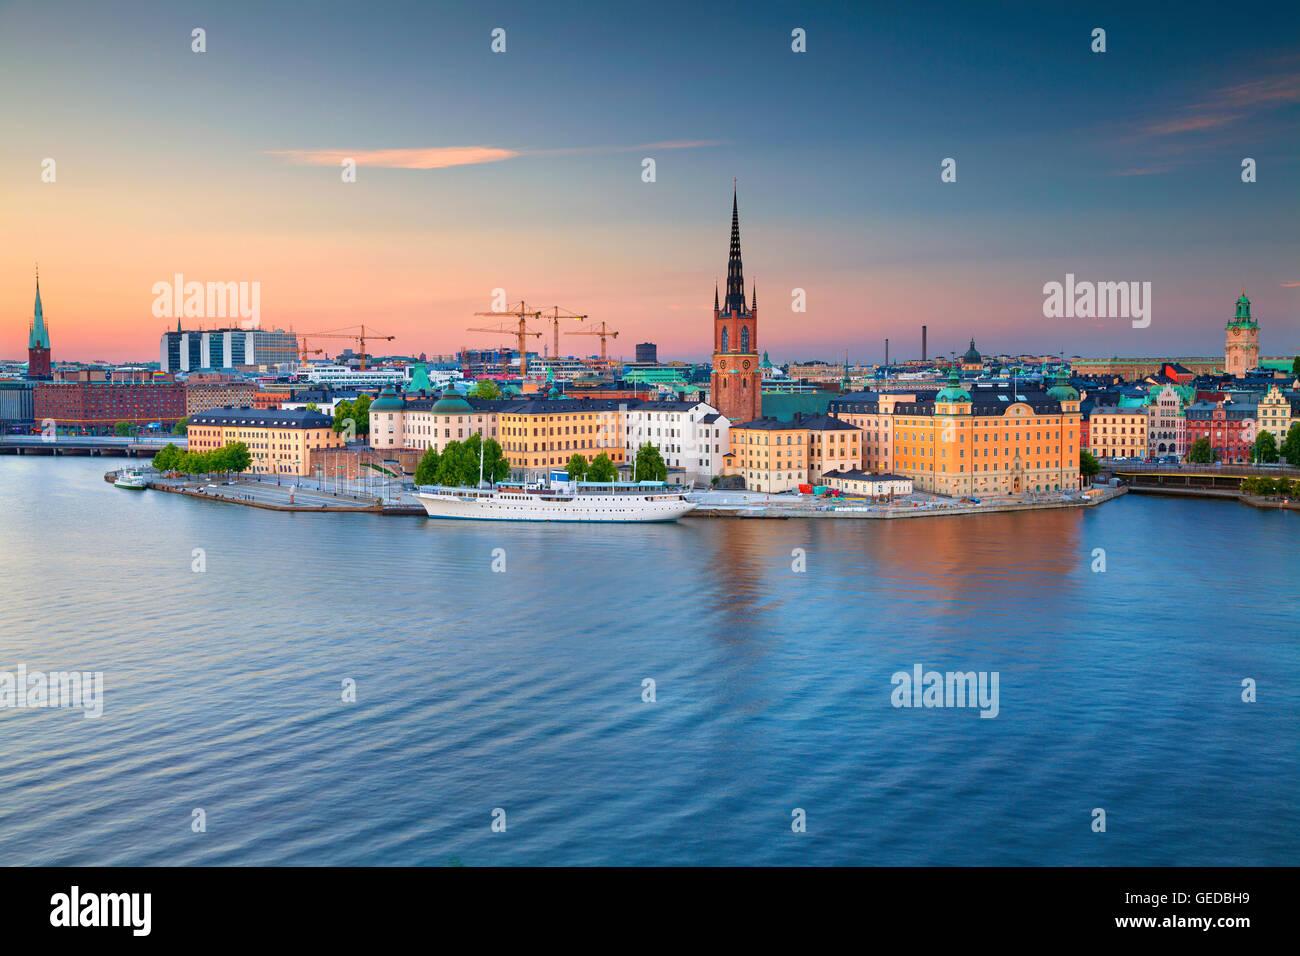 Estocolmo. Imagen de Estocolmo, Suecia, durante la hora azul crepúsculo. Imagen De Stock